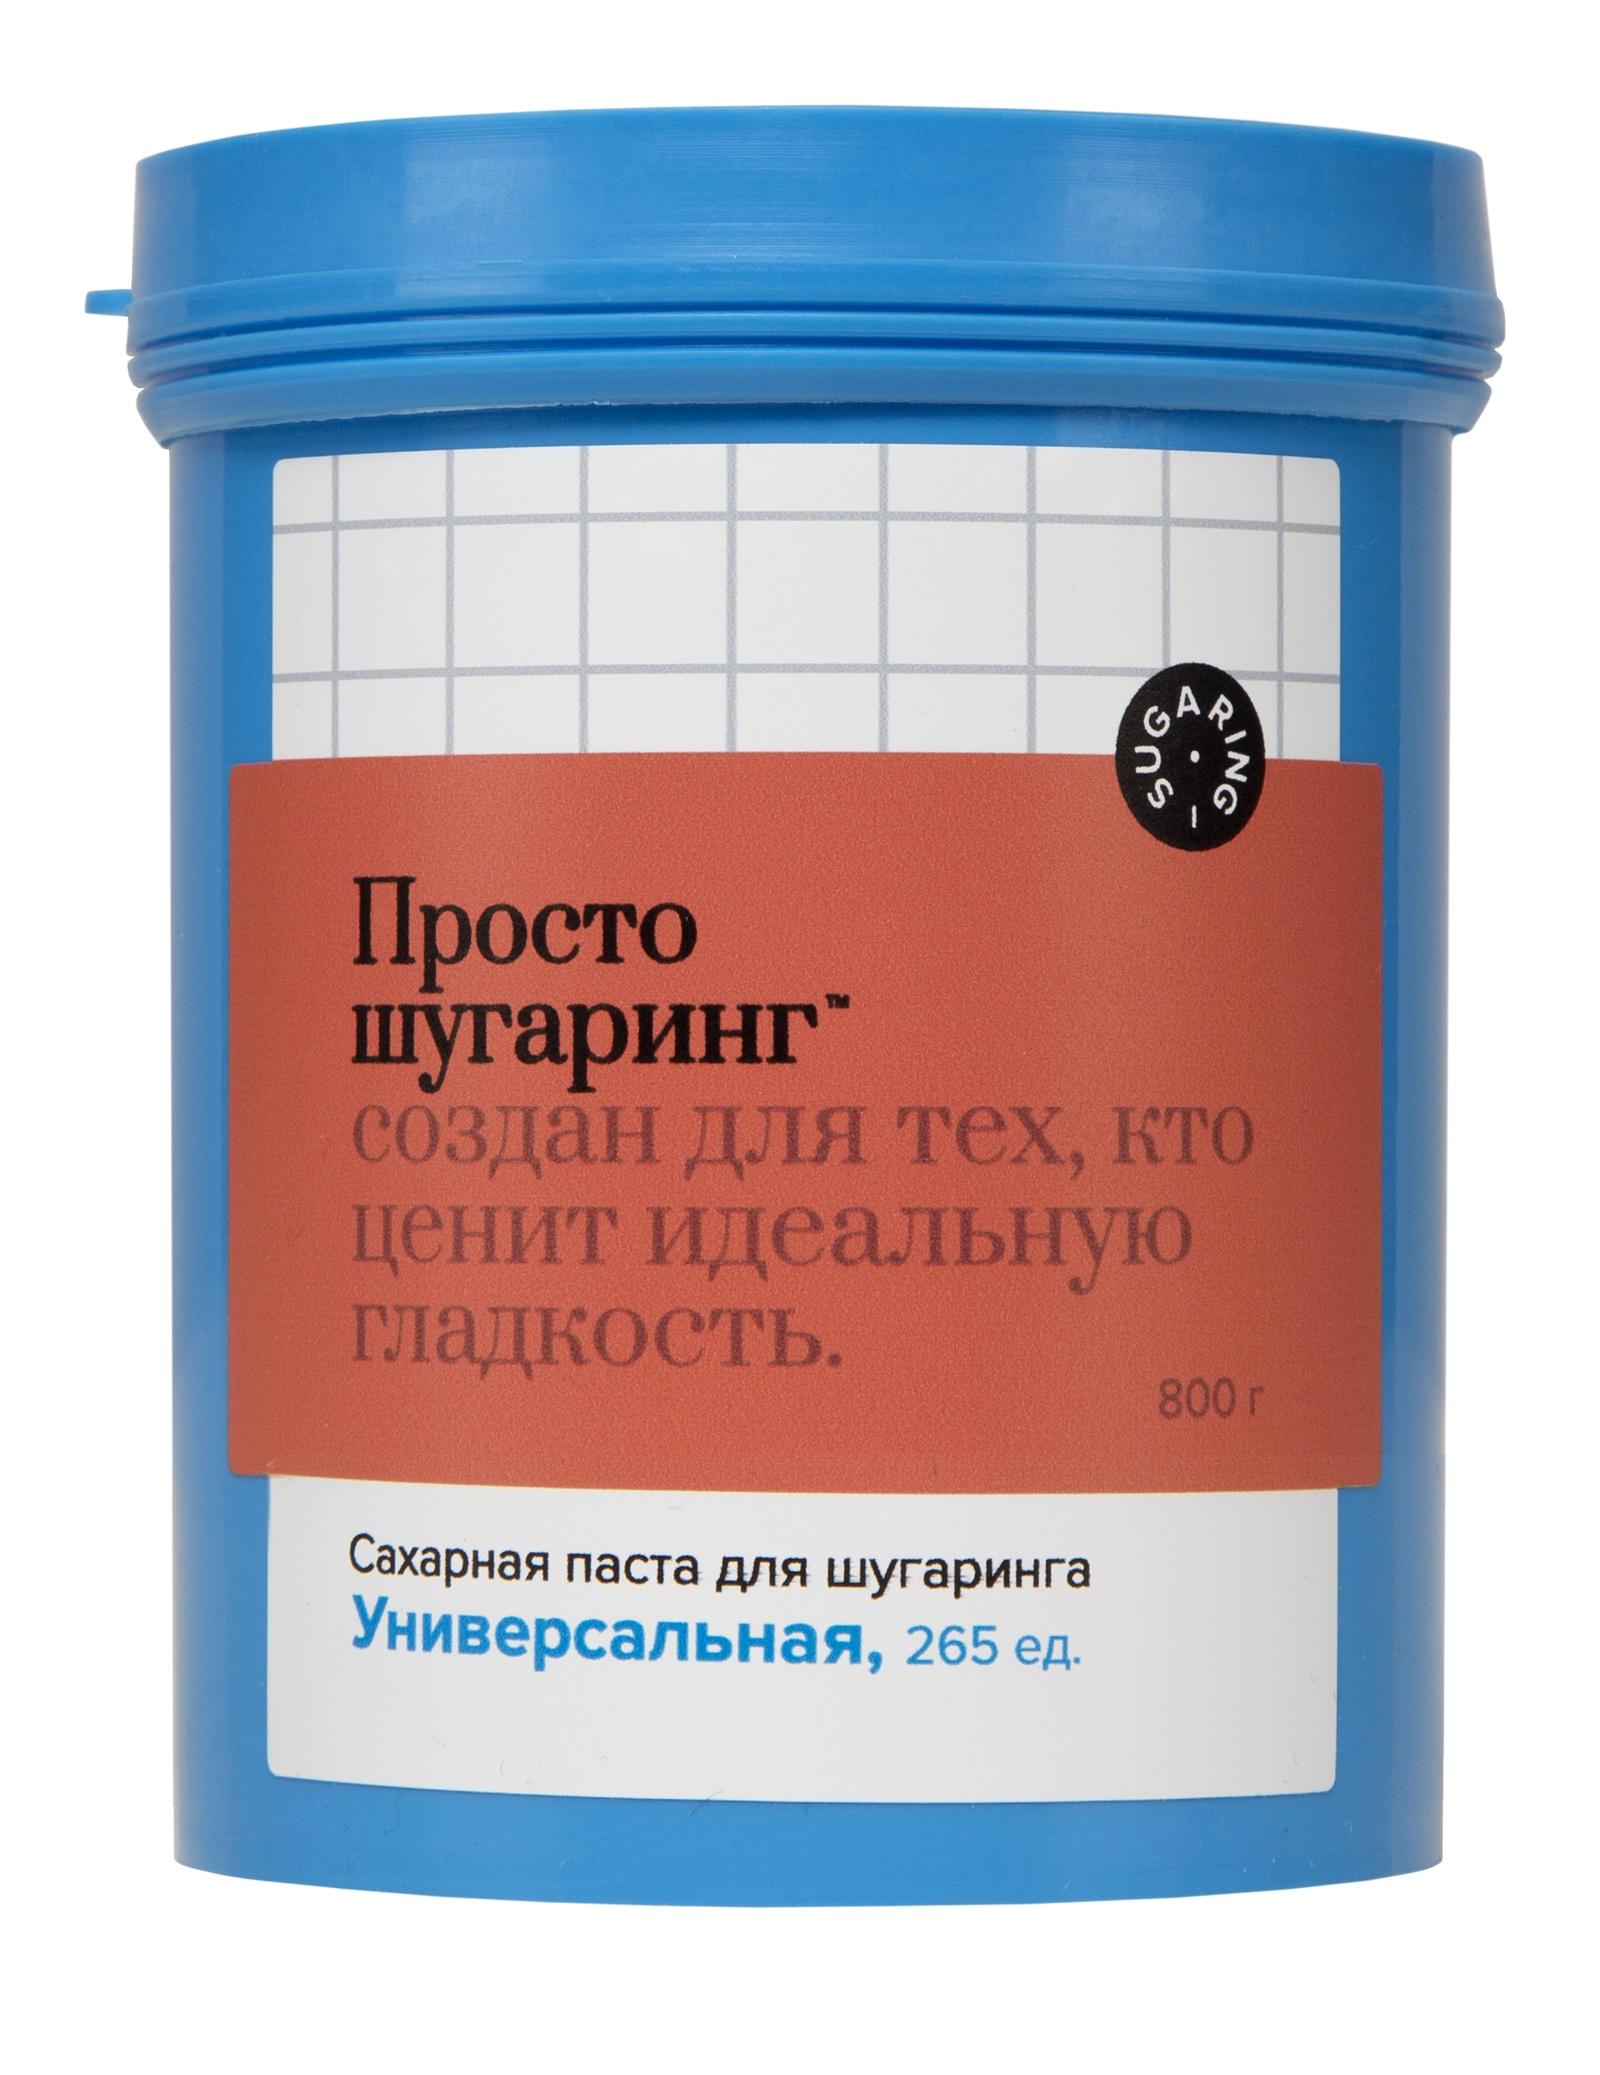 Сахарная паста для депиляции универсальная Просто шугаринг, Gloria, 0,8 кг